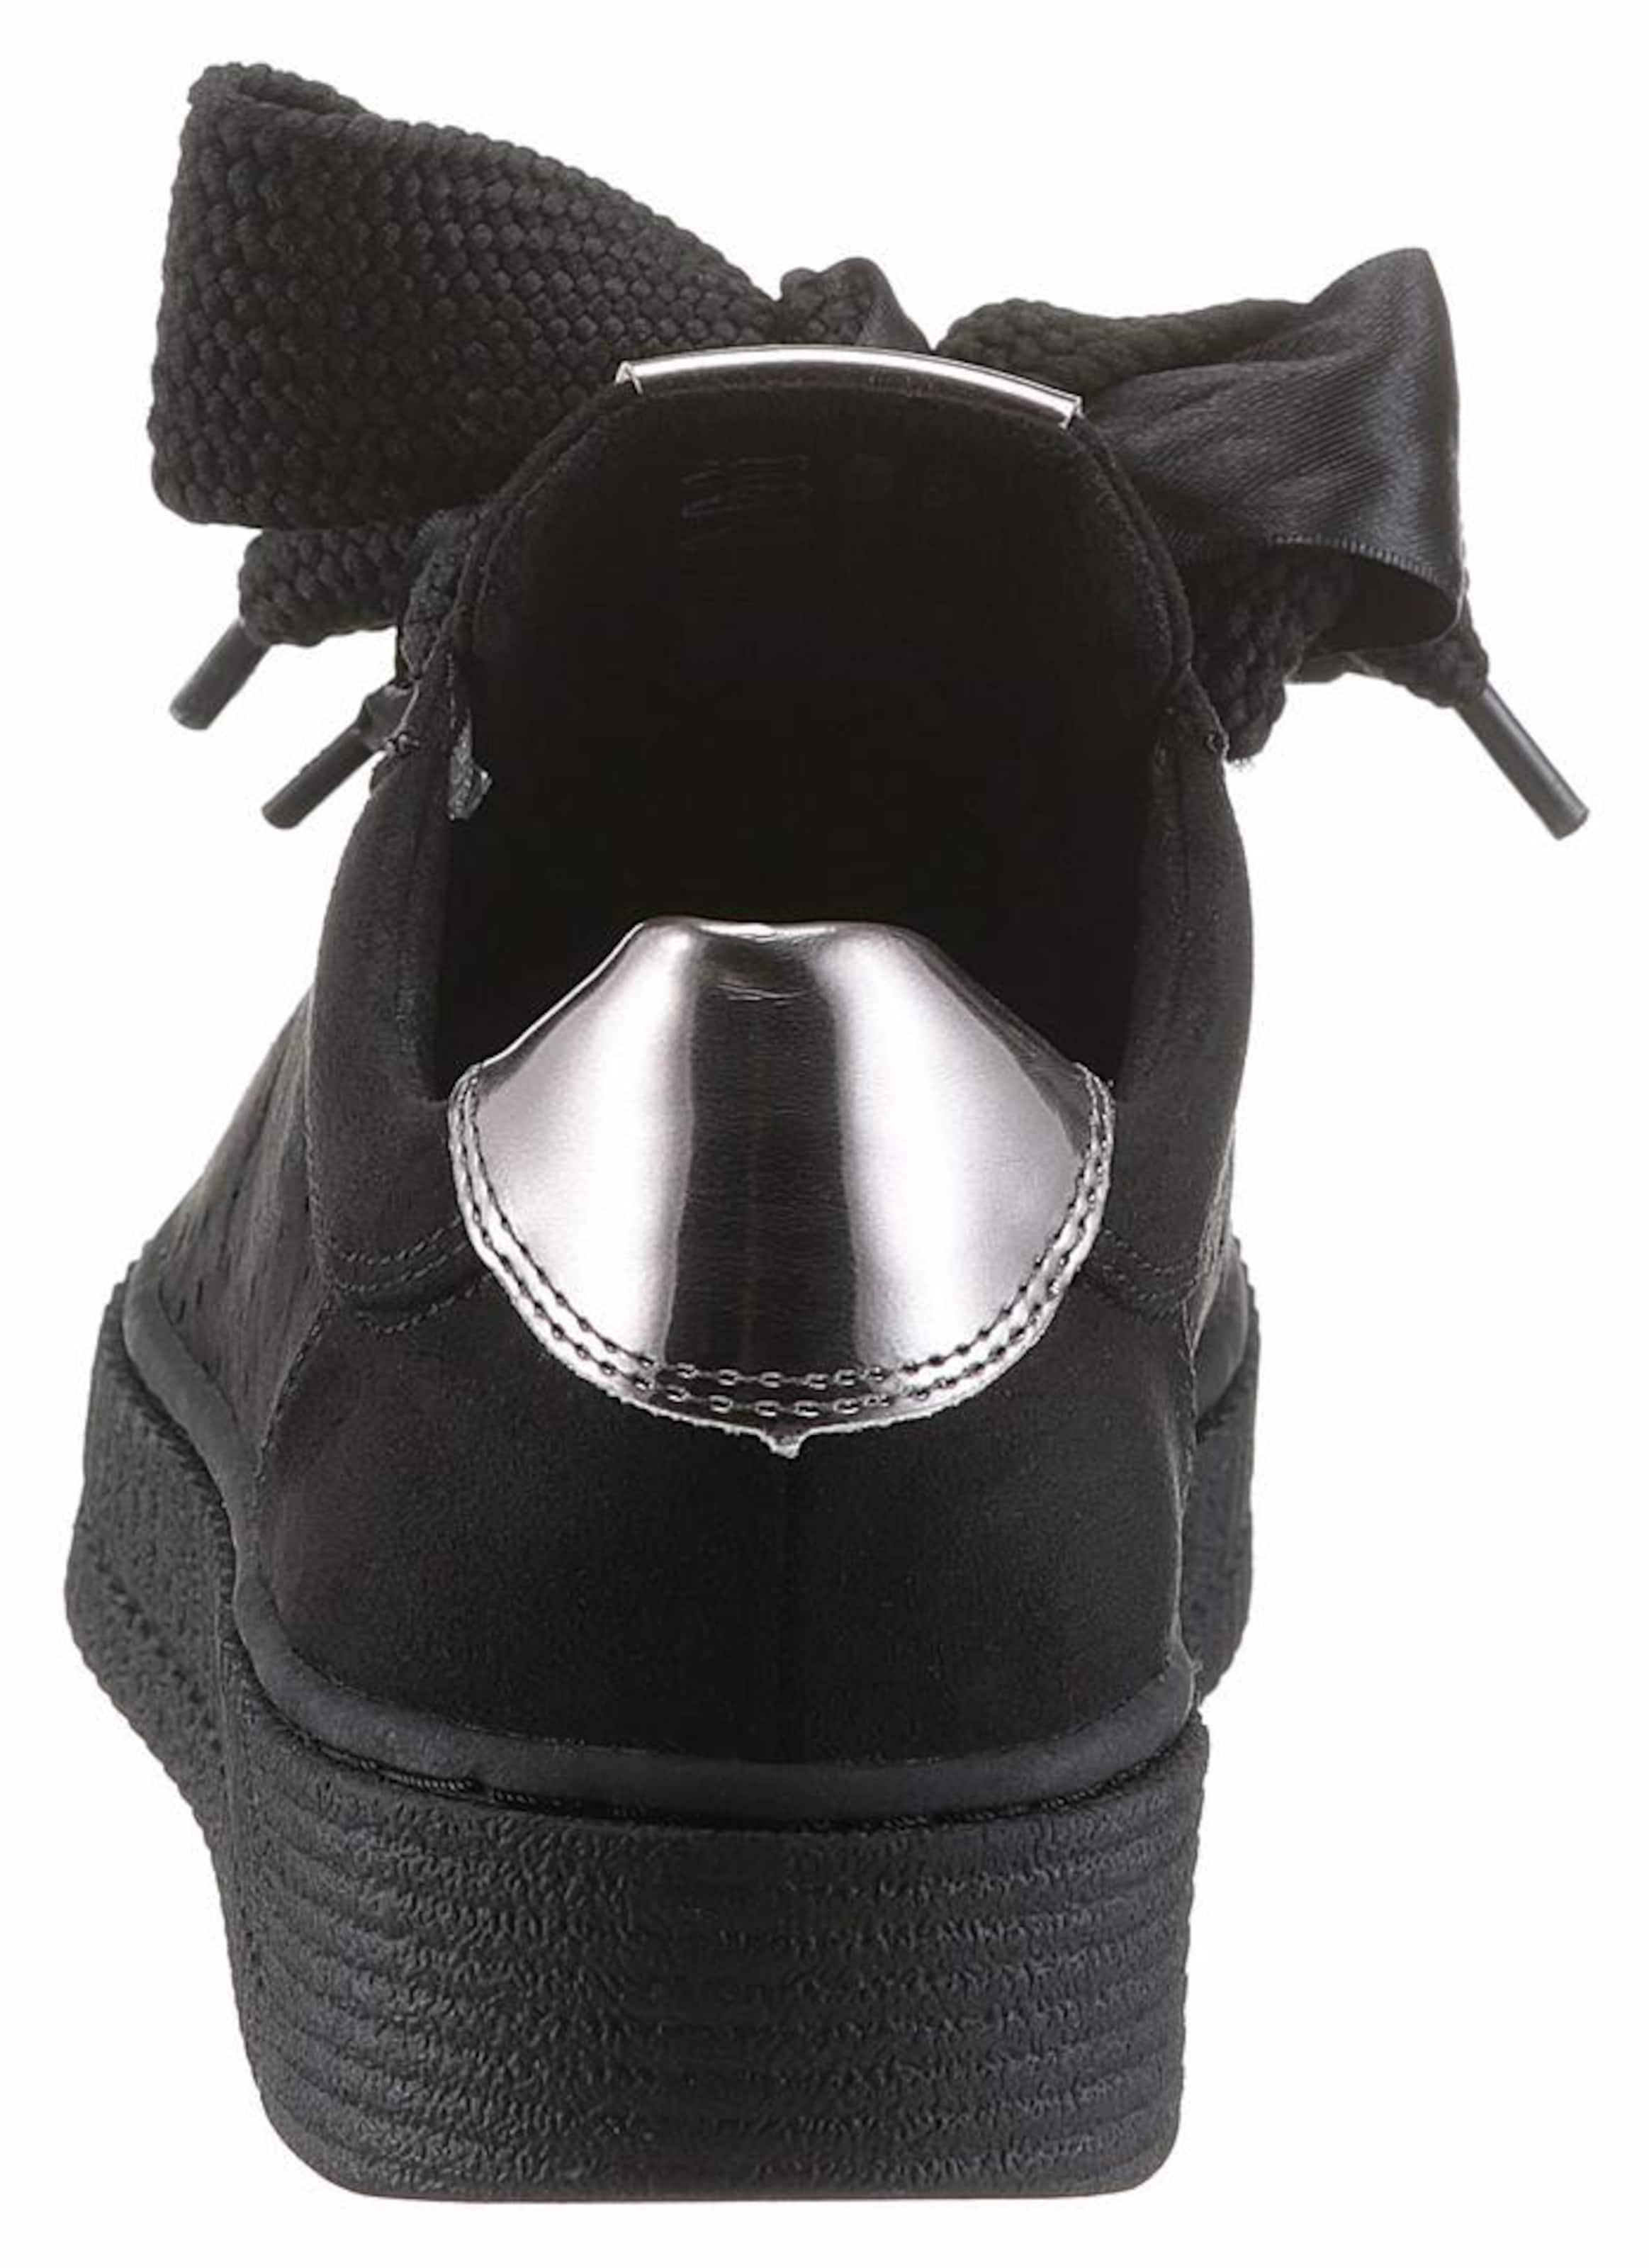 Billig Offiziellen MARCO TOZZI Sneaker Spielraum Besuch Neu Verkauf Veröffentlichungstermine Auslass 100% Garantiert Freies Verschiffen Billig Qualität rabIH